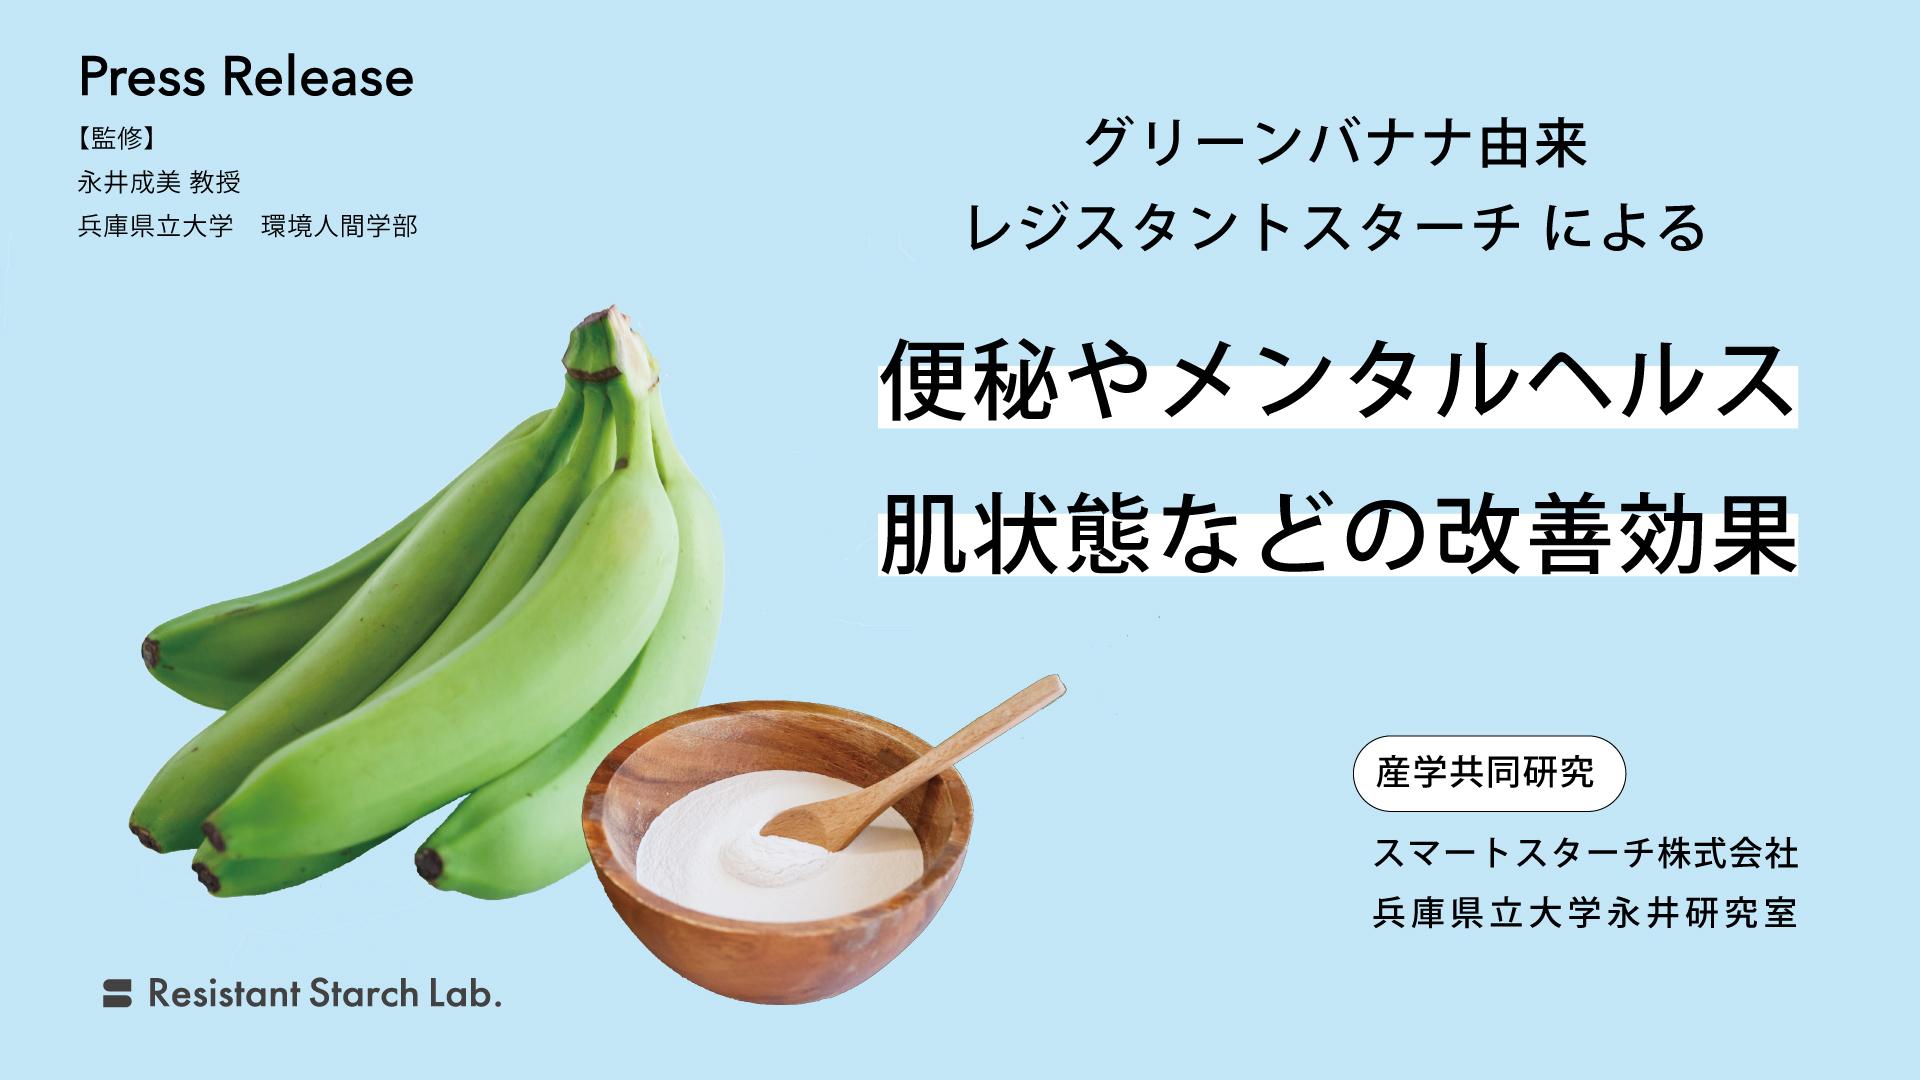 産学共同研究:グリーンバナナ由来レジスタントスターチによる便秘やメンタルヘルス、肌状態などの改善効果